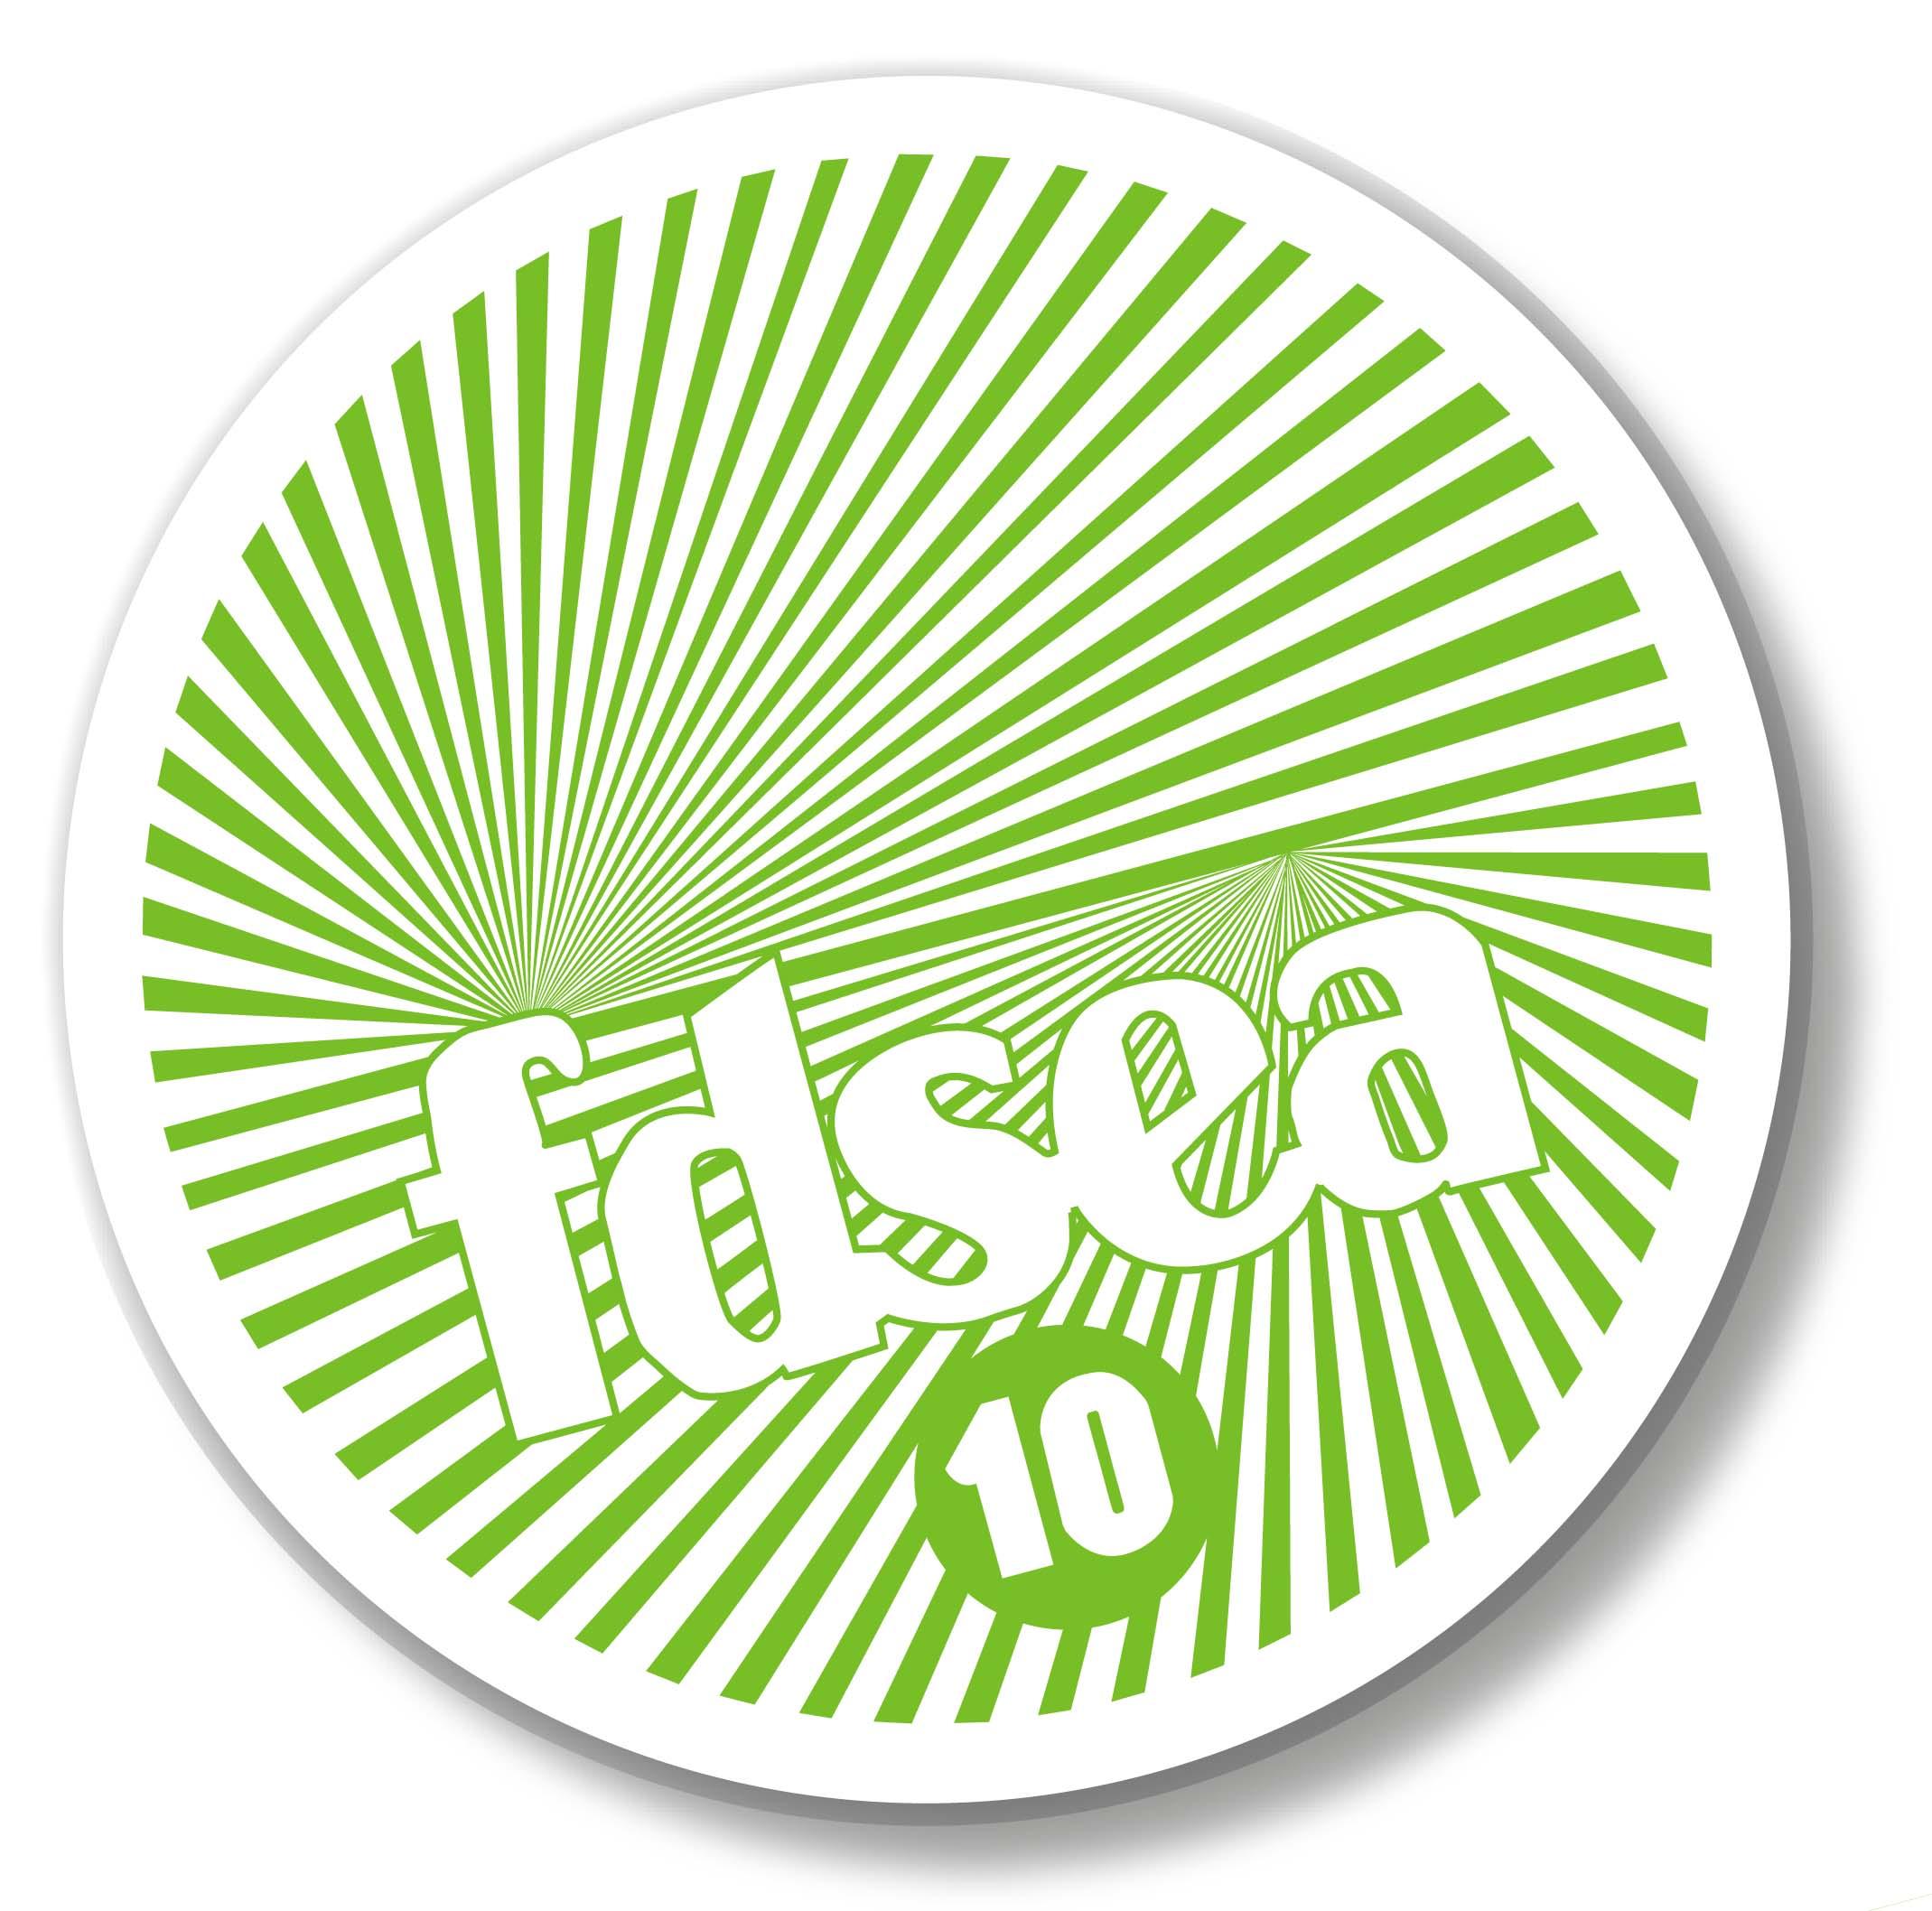 FDSEA vert verveine badge copie2